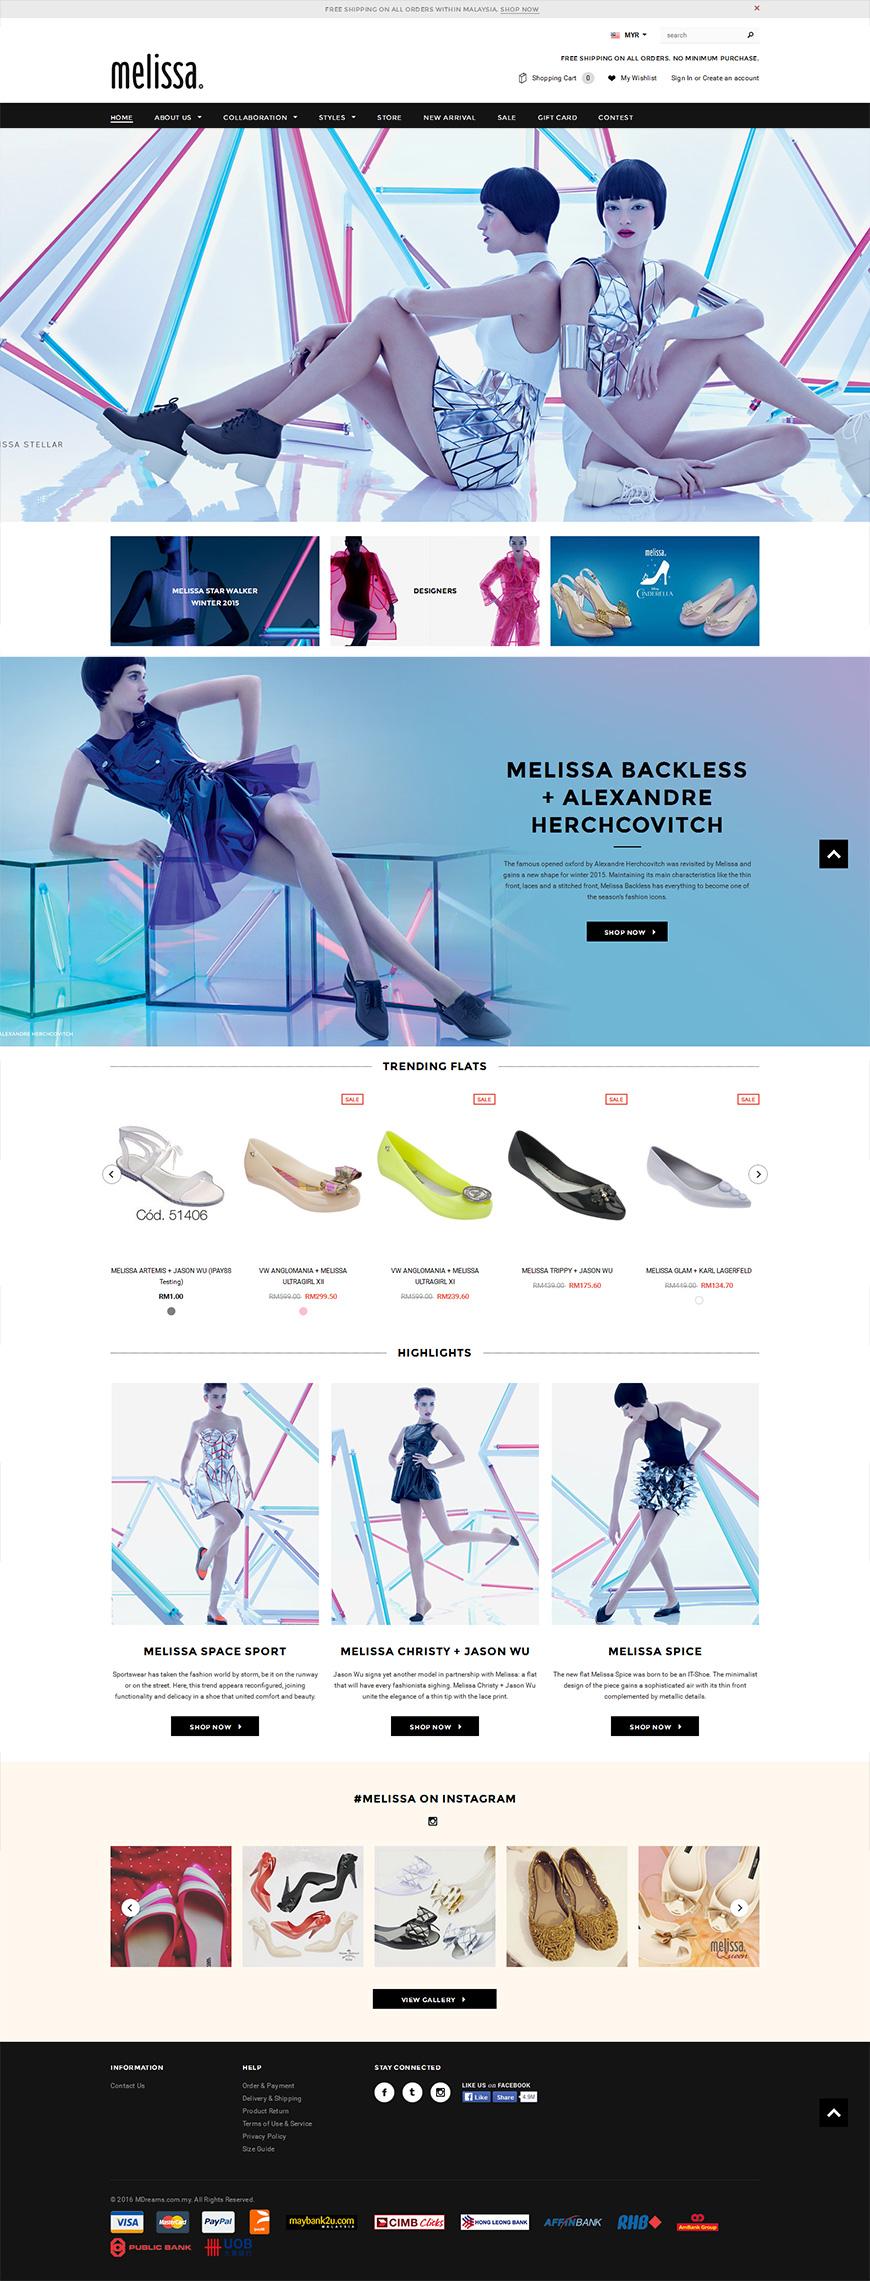 melissa-design